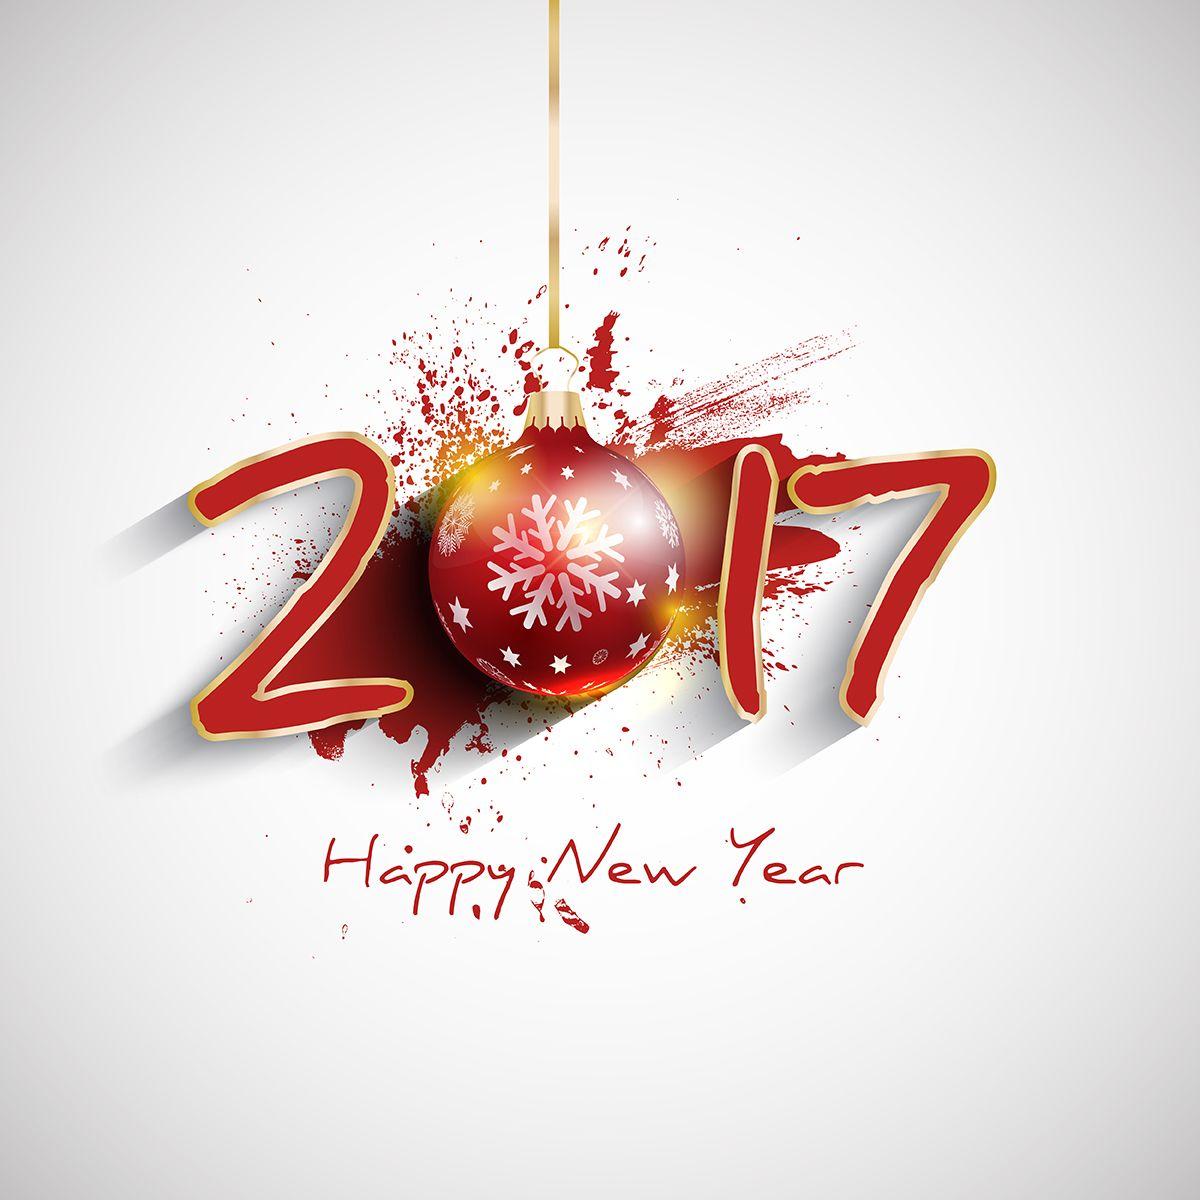 Happy New Year 2017 Pictures   Happy birthday   Pinterest   Happy ...